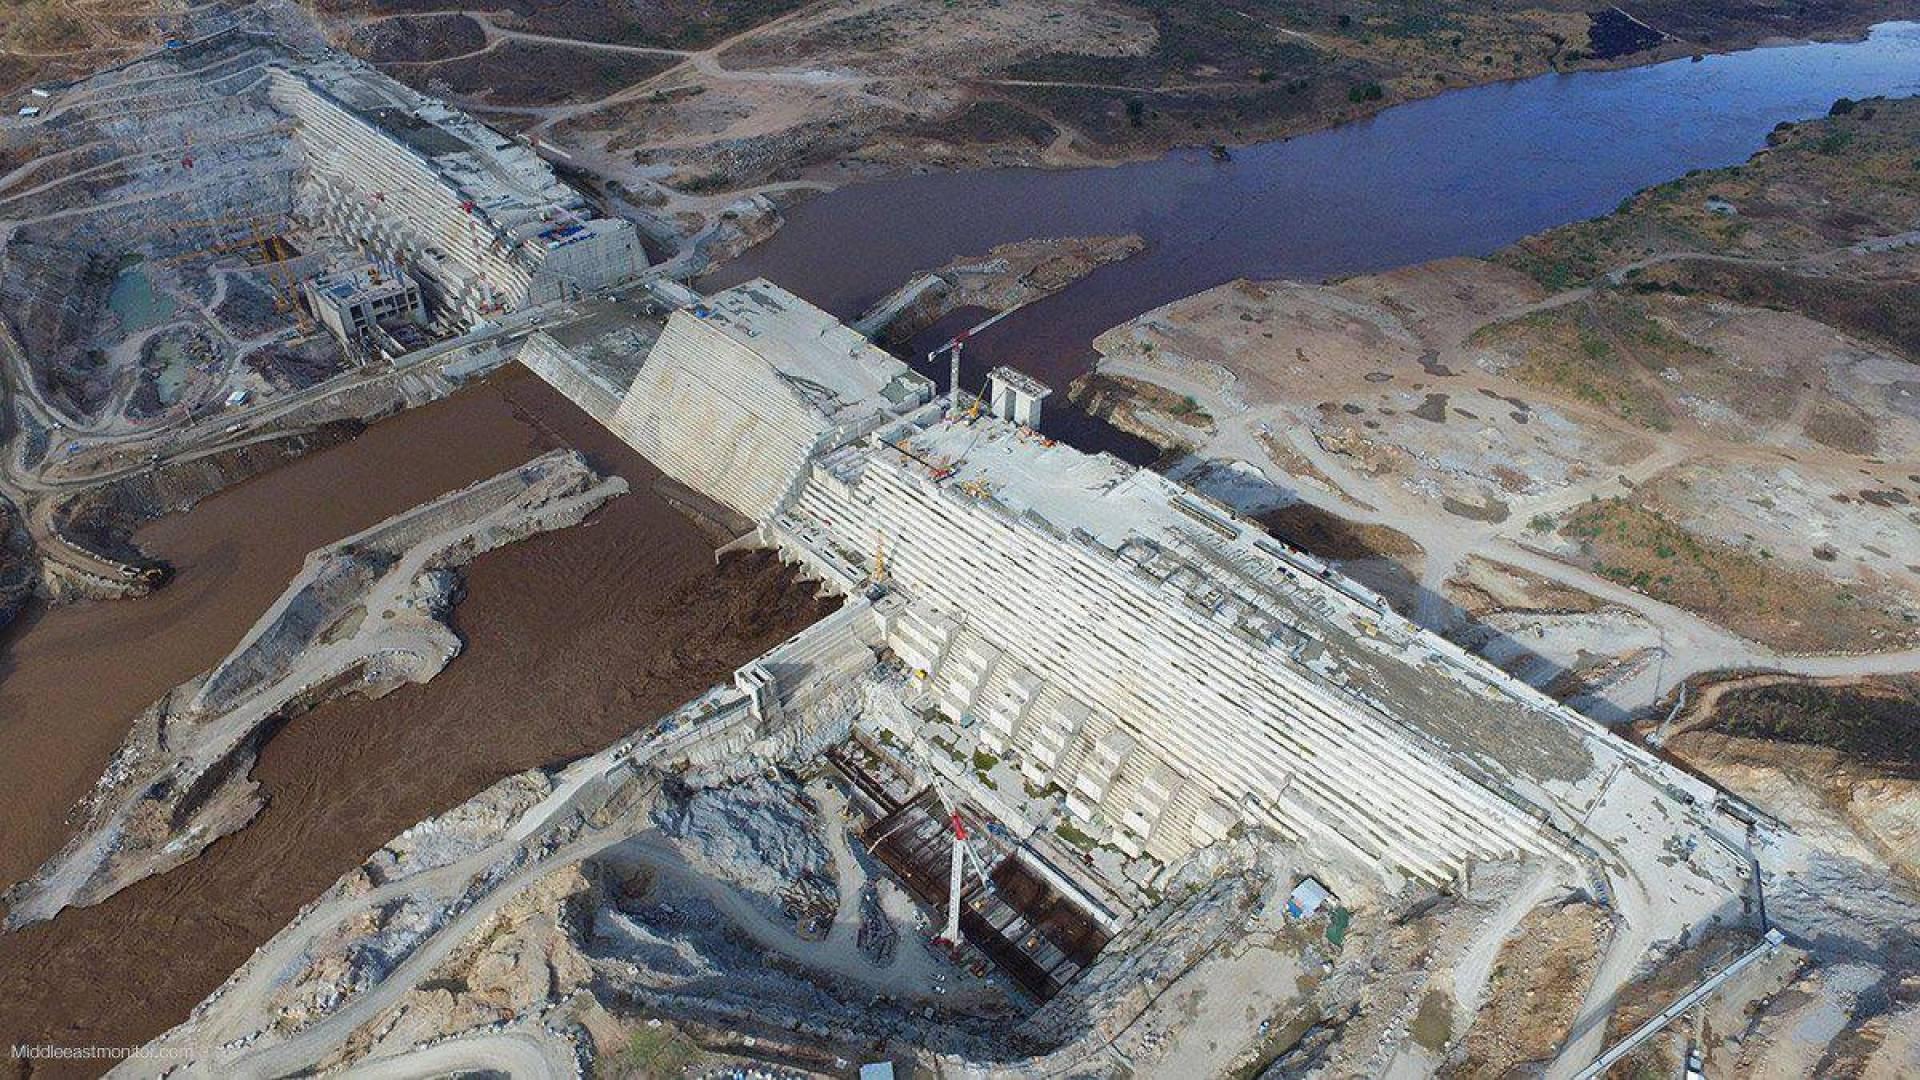 مصر تحذر من آثار كارثية لسد النهضة